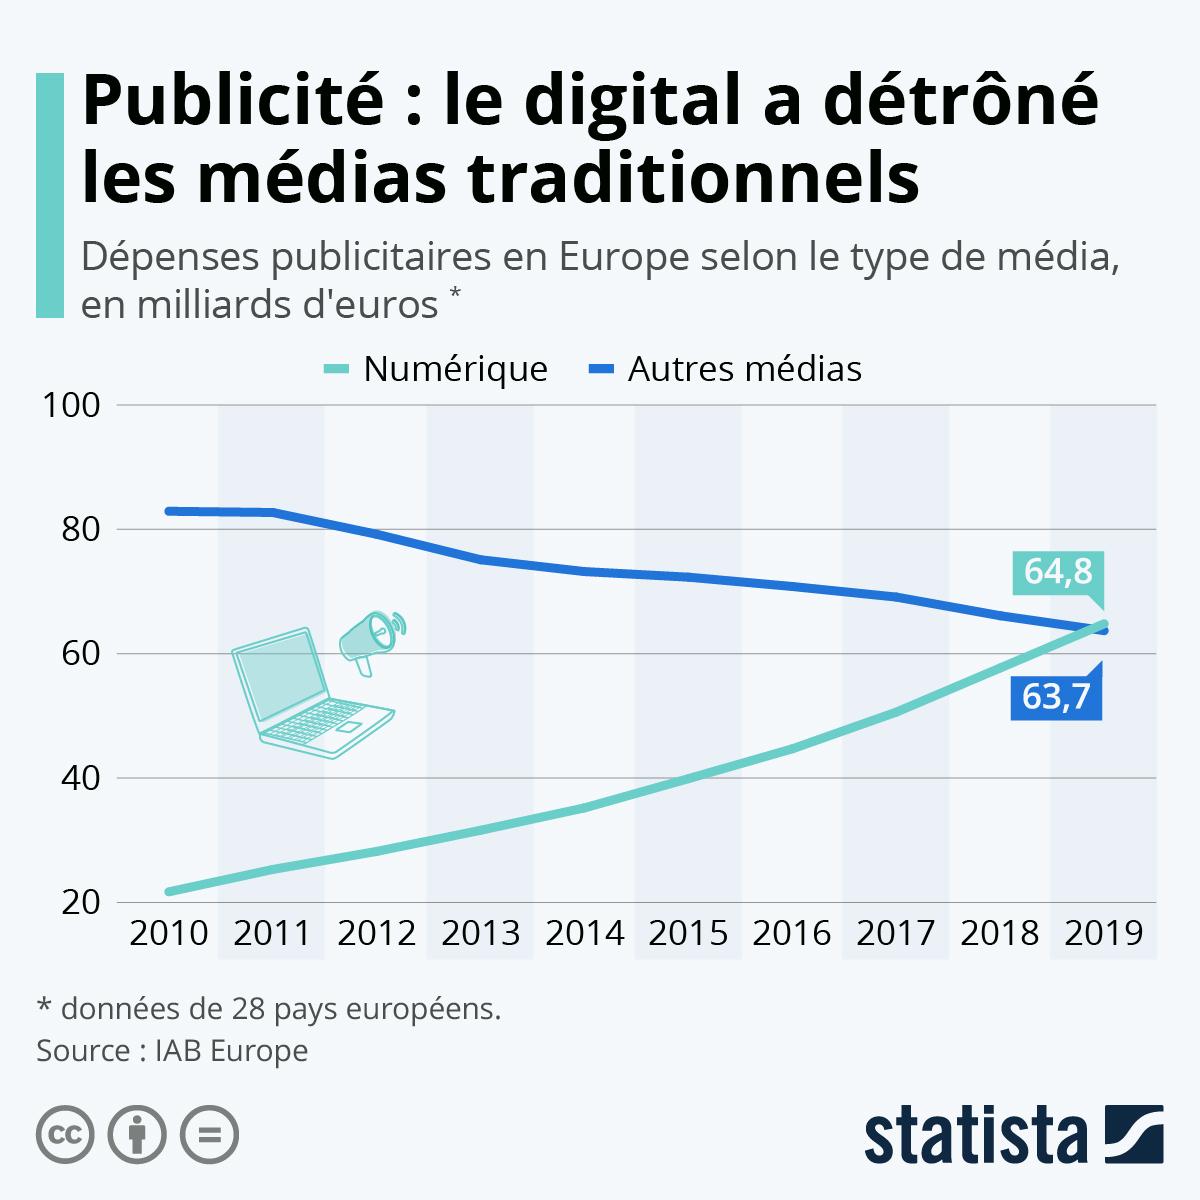 Infographie: Publicité : le digital a détrôné les médias traditionnels | Statista